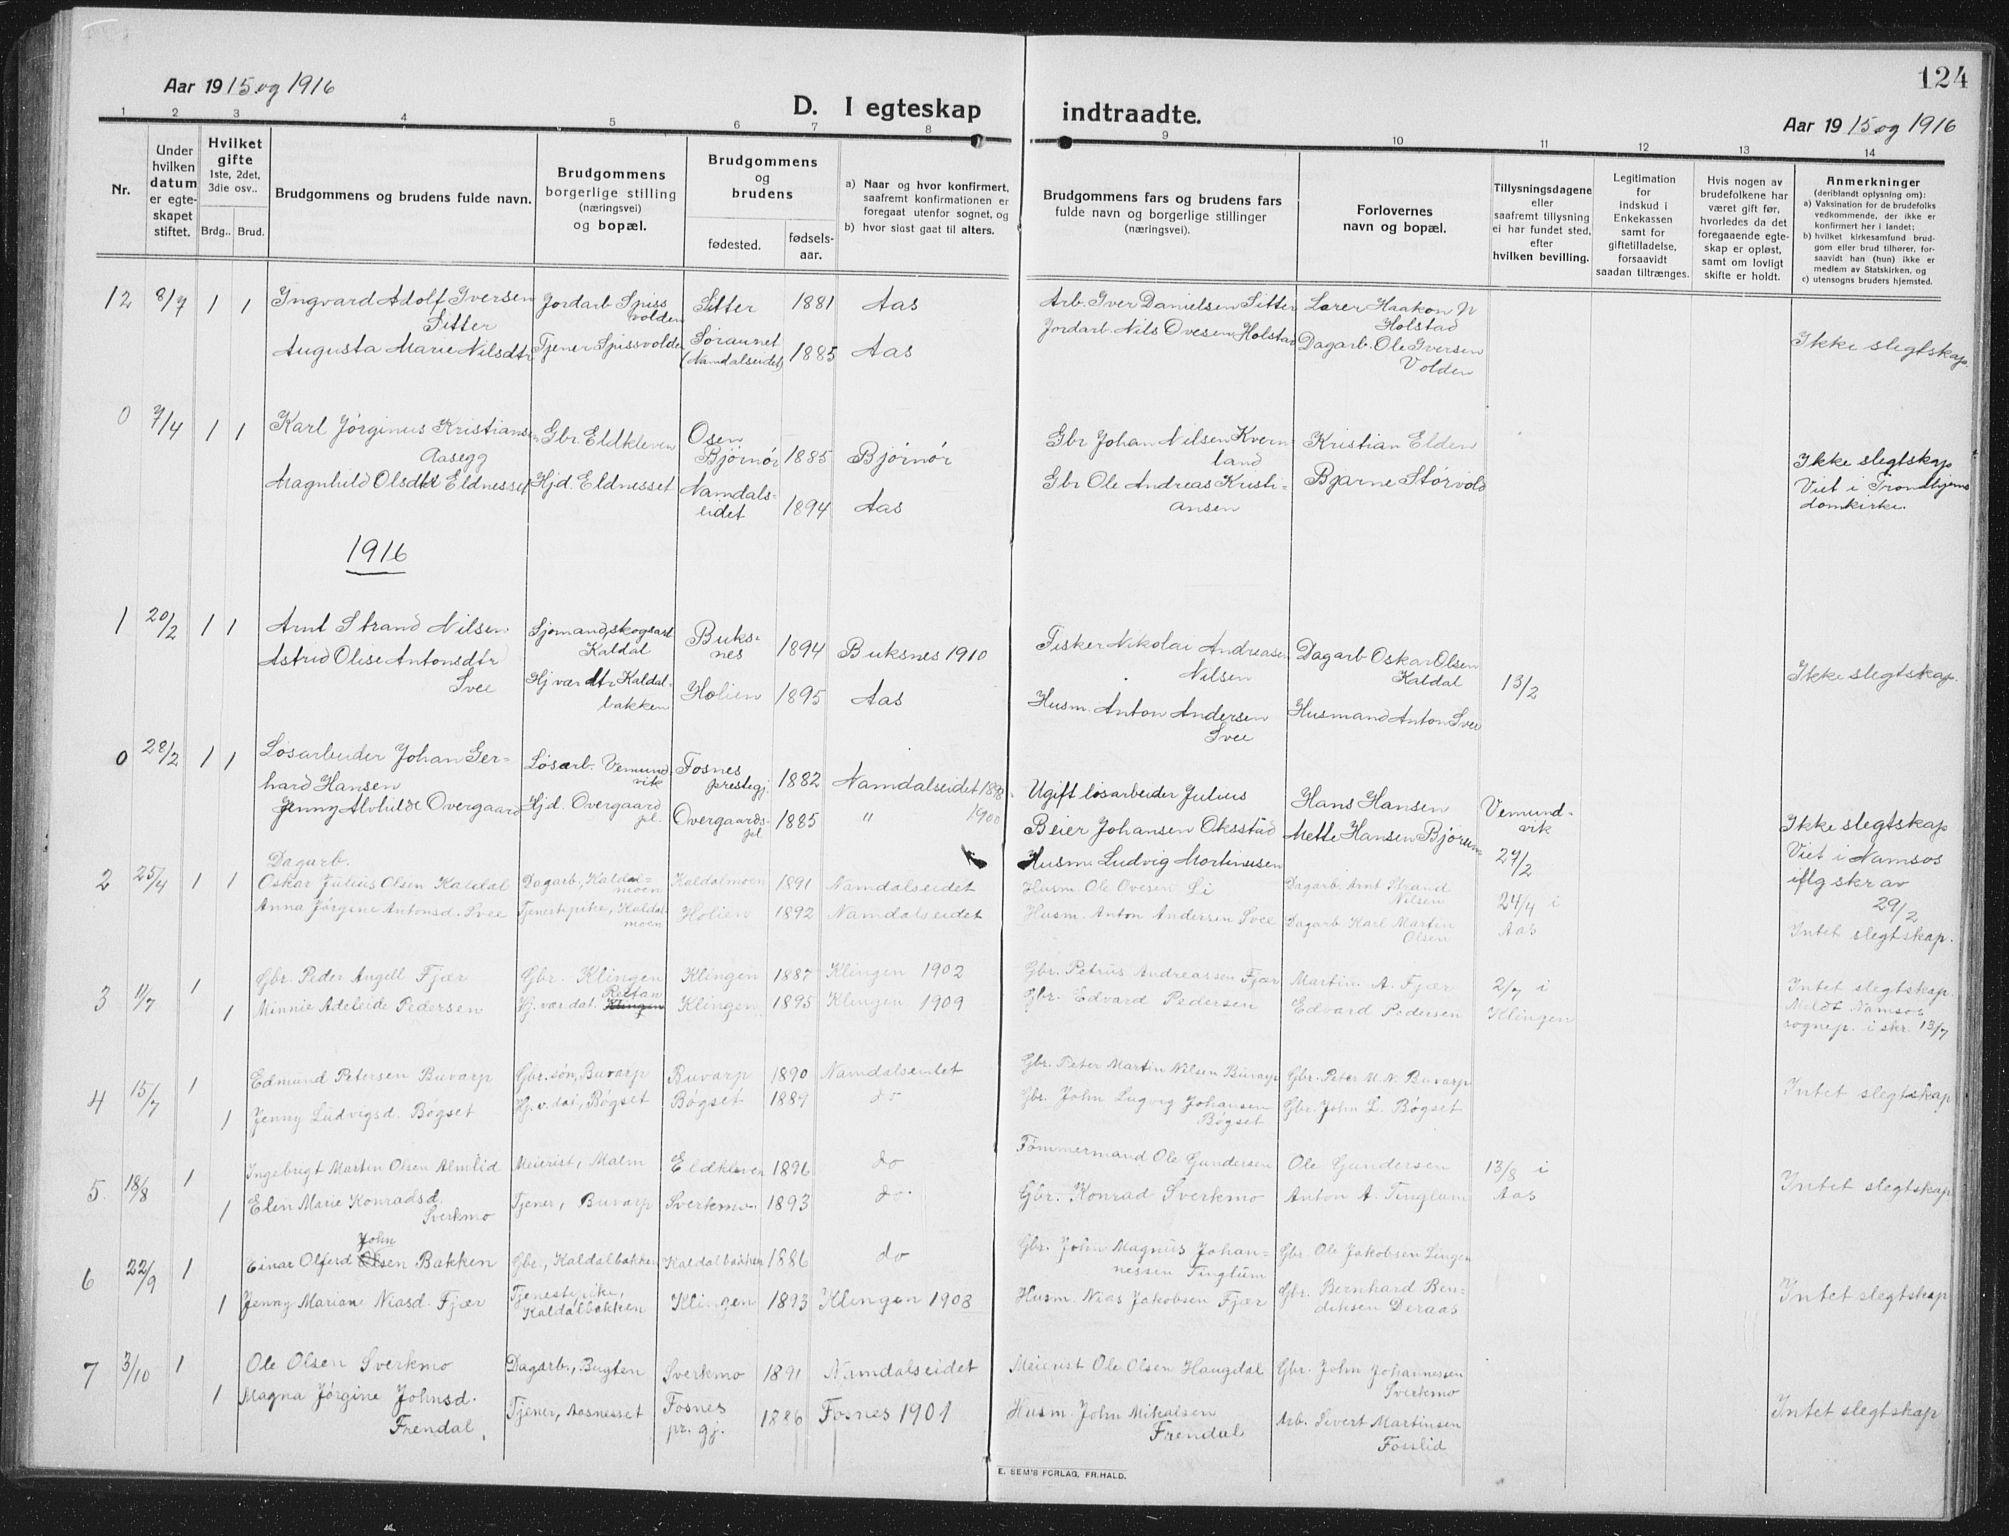 SAT, Ministerialprotokoller, klokkerbøker og fødselsregistre - Nord-Trøndelag, 742/L0413: Klokkerbok nr. 742C04, 1911-1938, s. 124